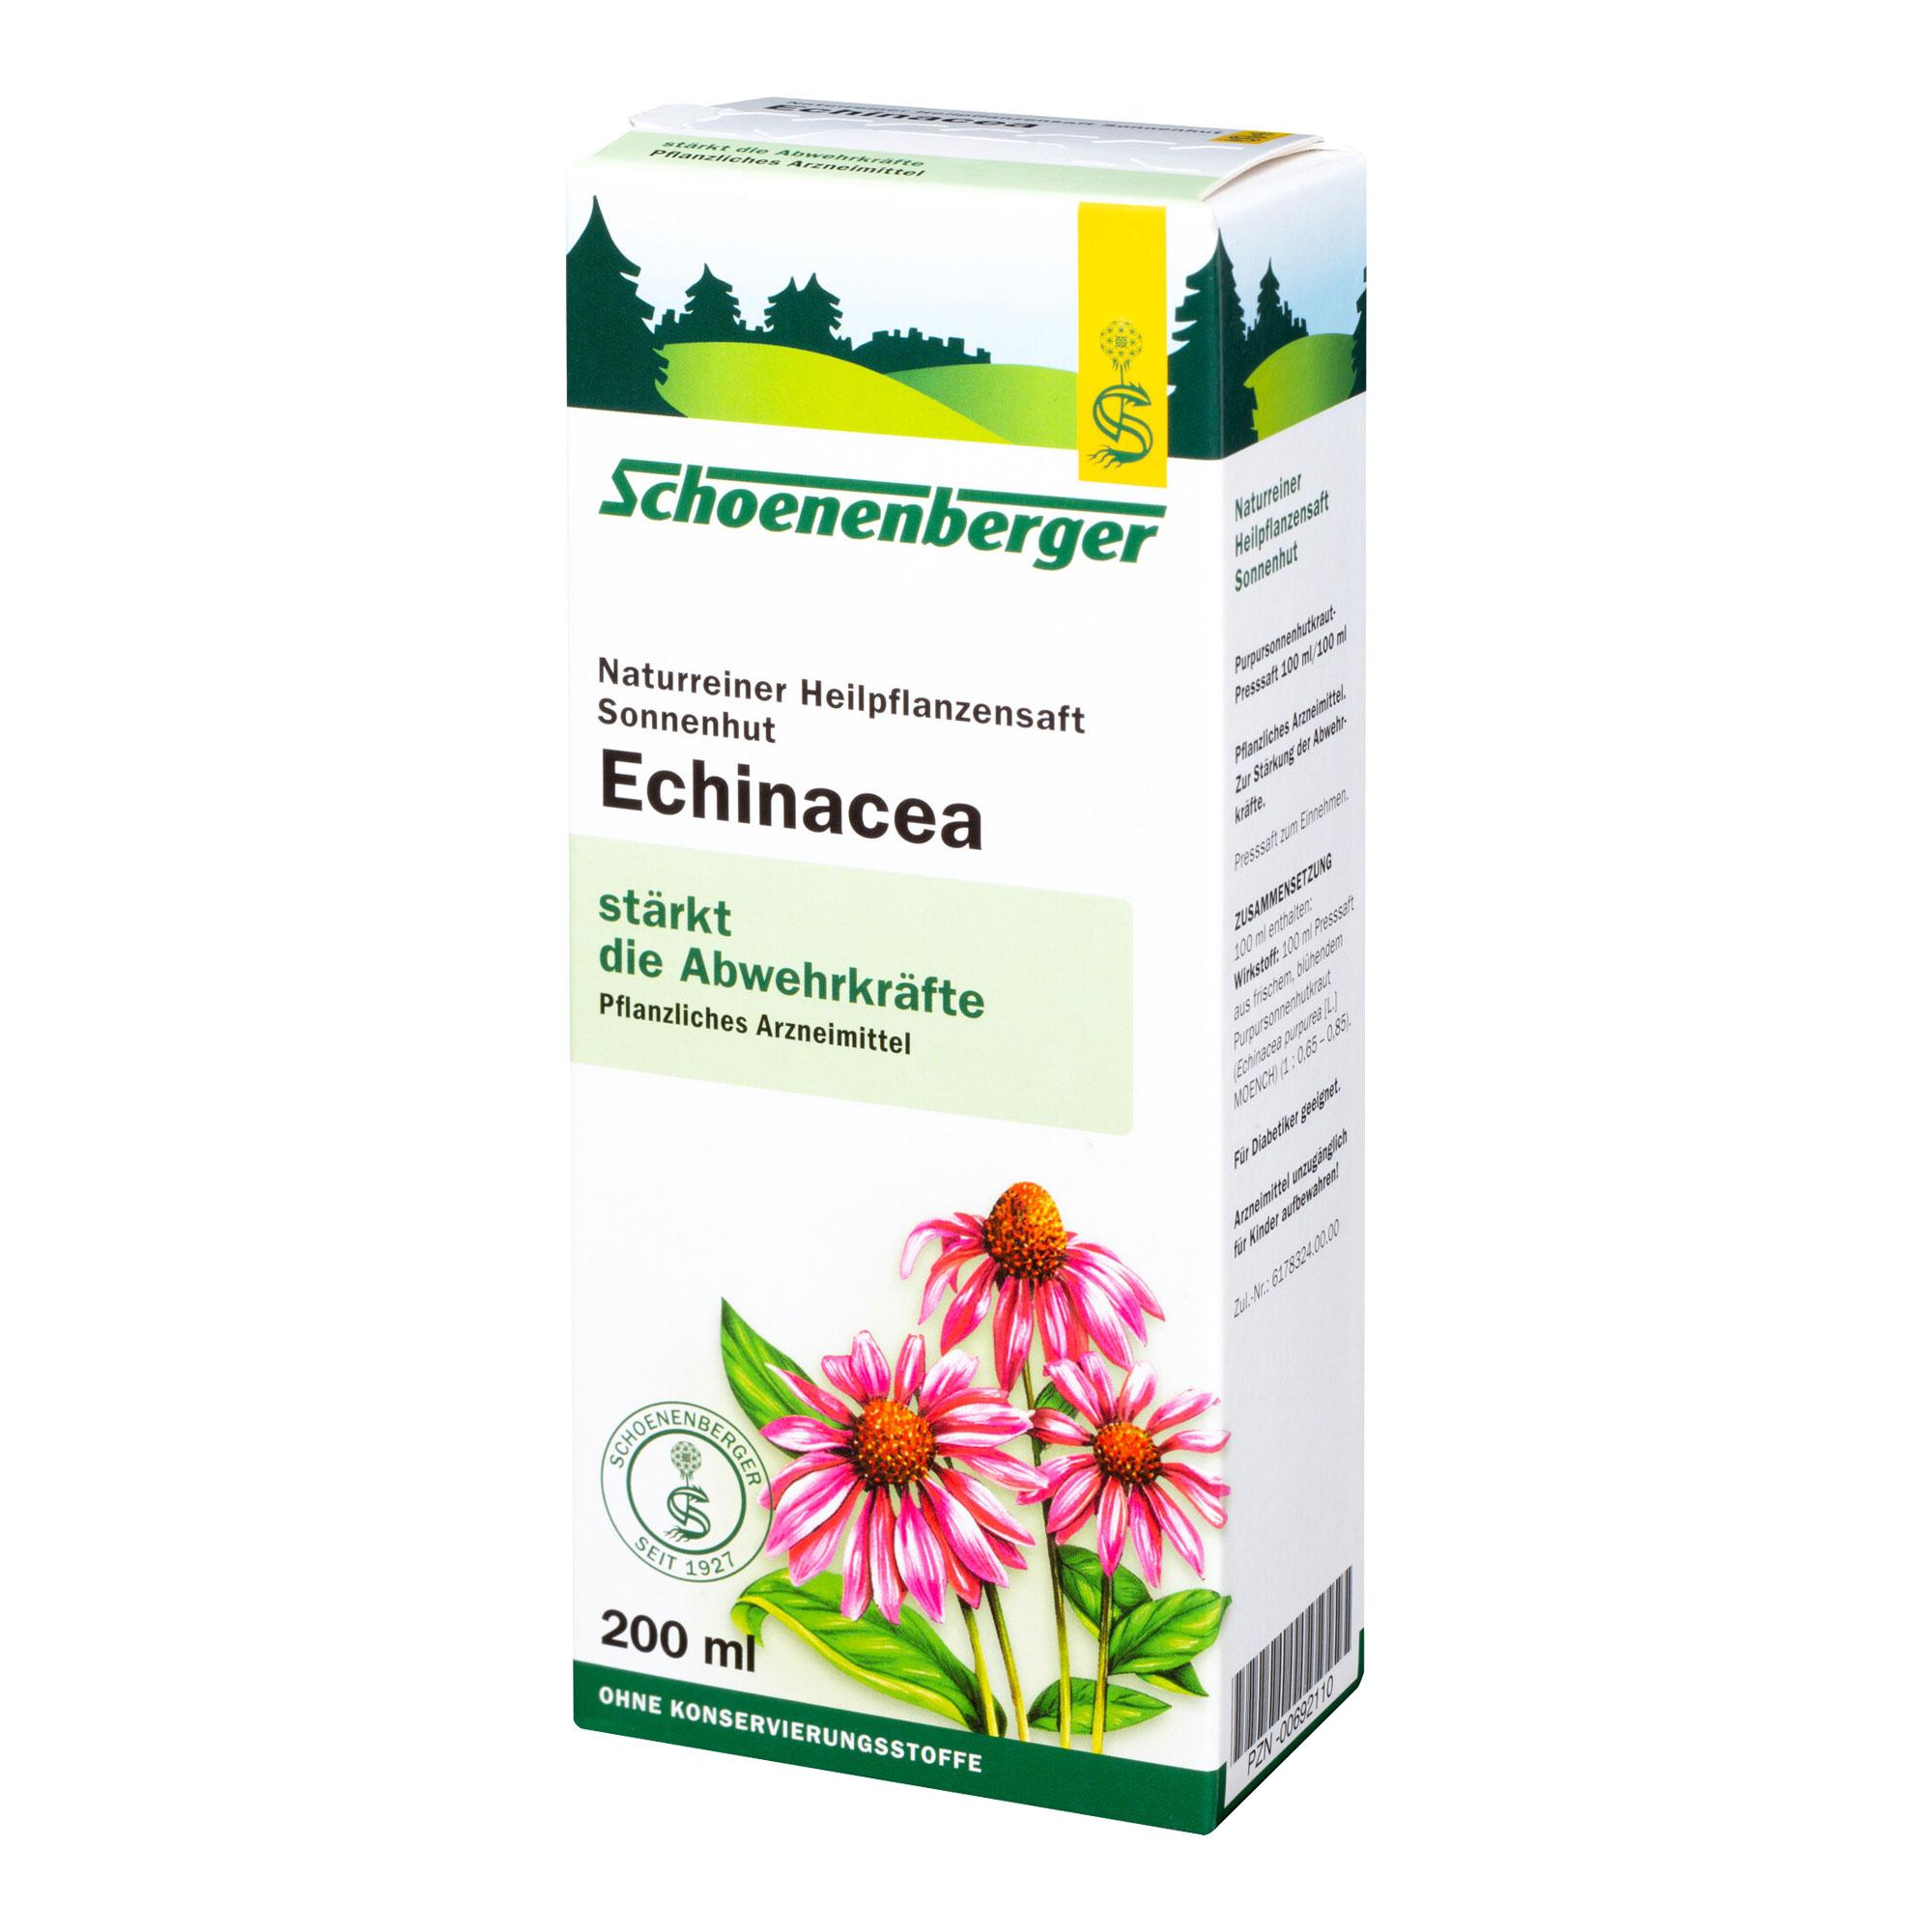 Echinacea Saft Sonnenhut Schoenenberger